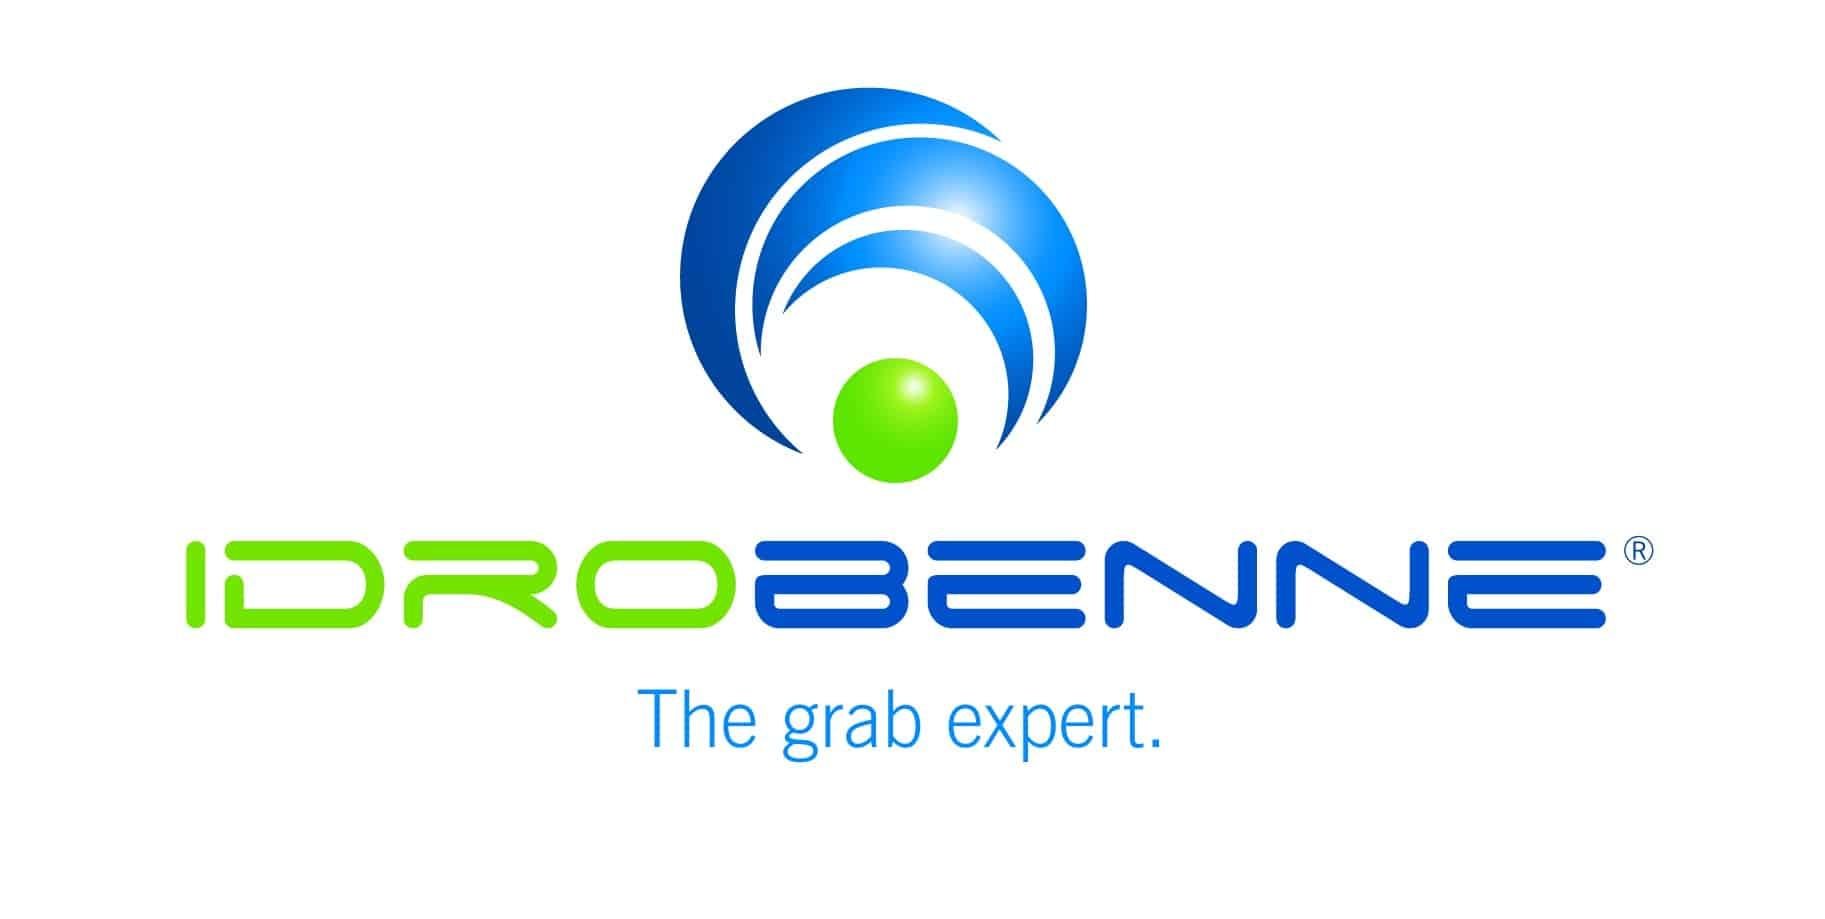 Le logo de la marque Idrobenne à Melbourne